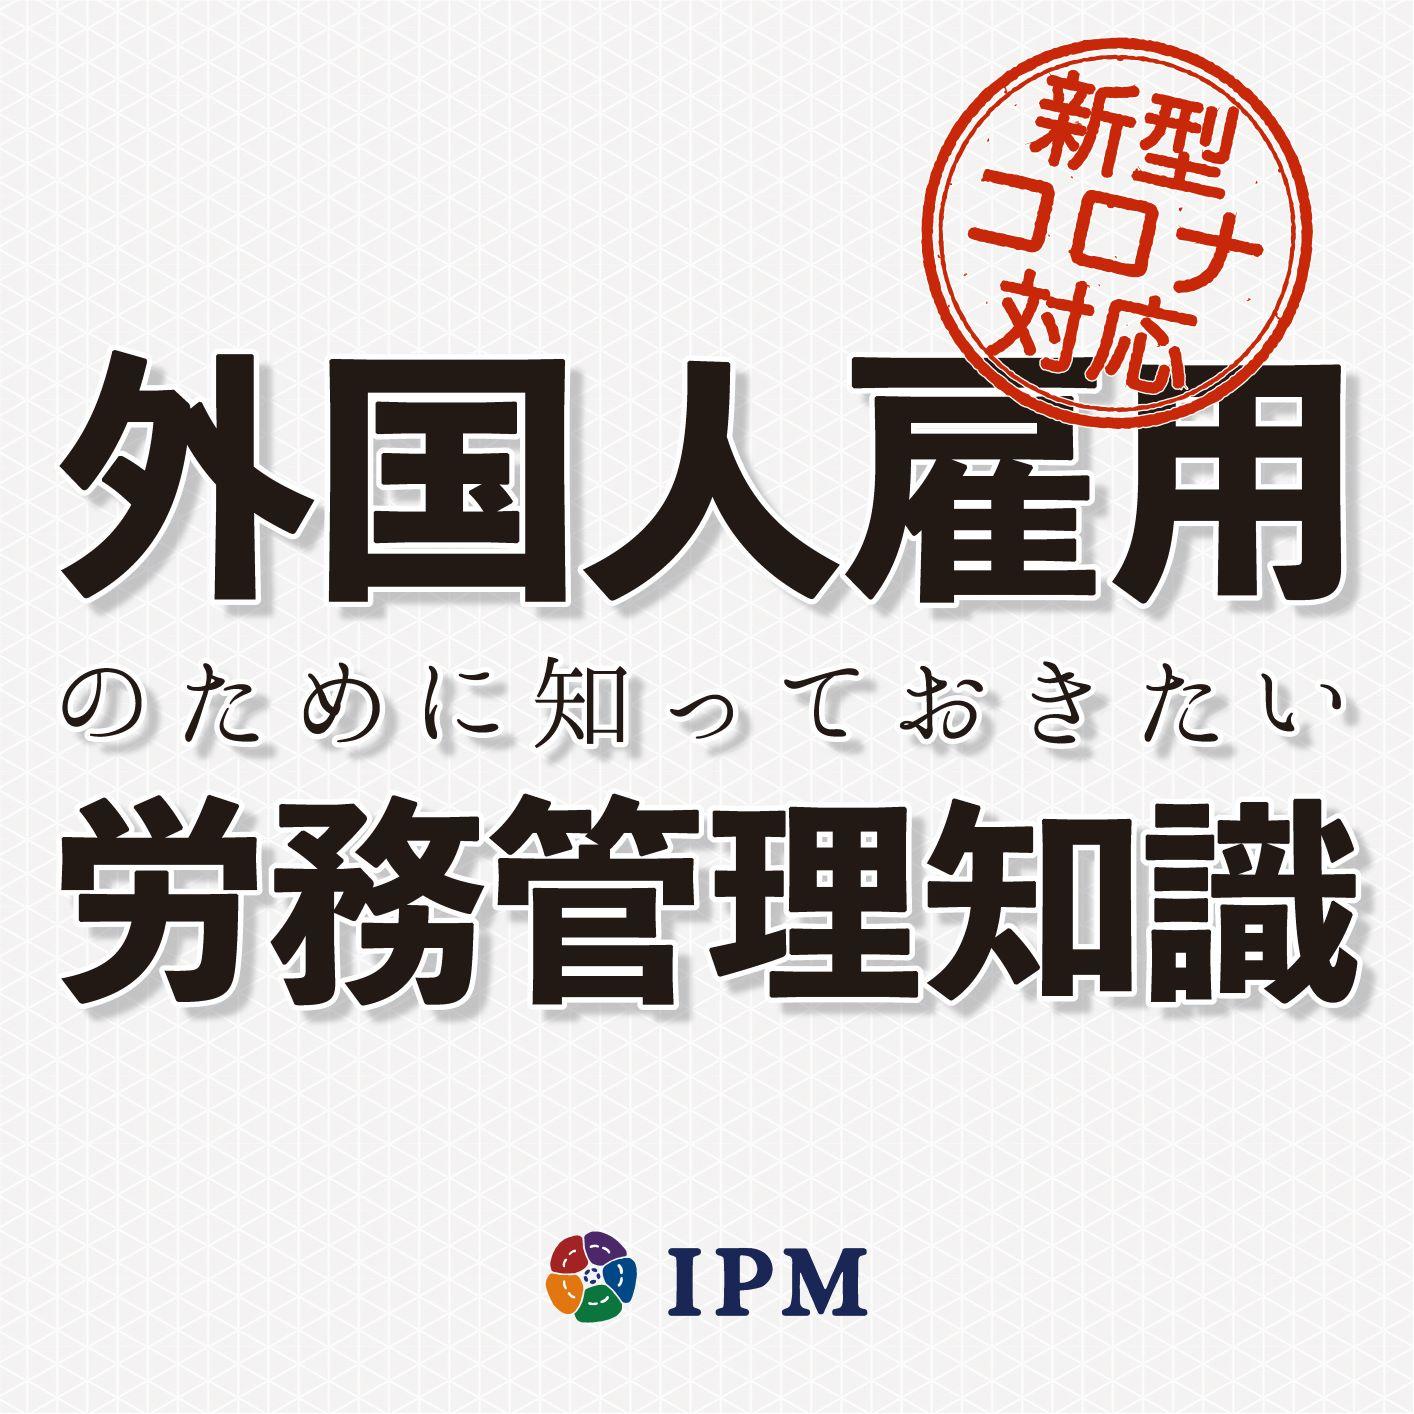 新型コロナ対応:外国人雇用のために知っておきたい労務管理知識